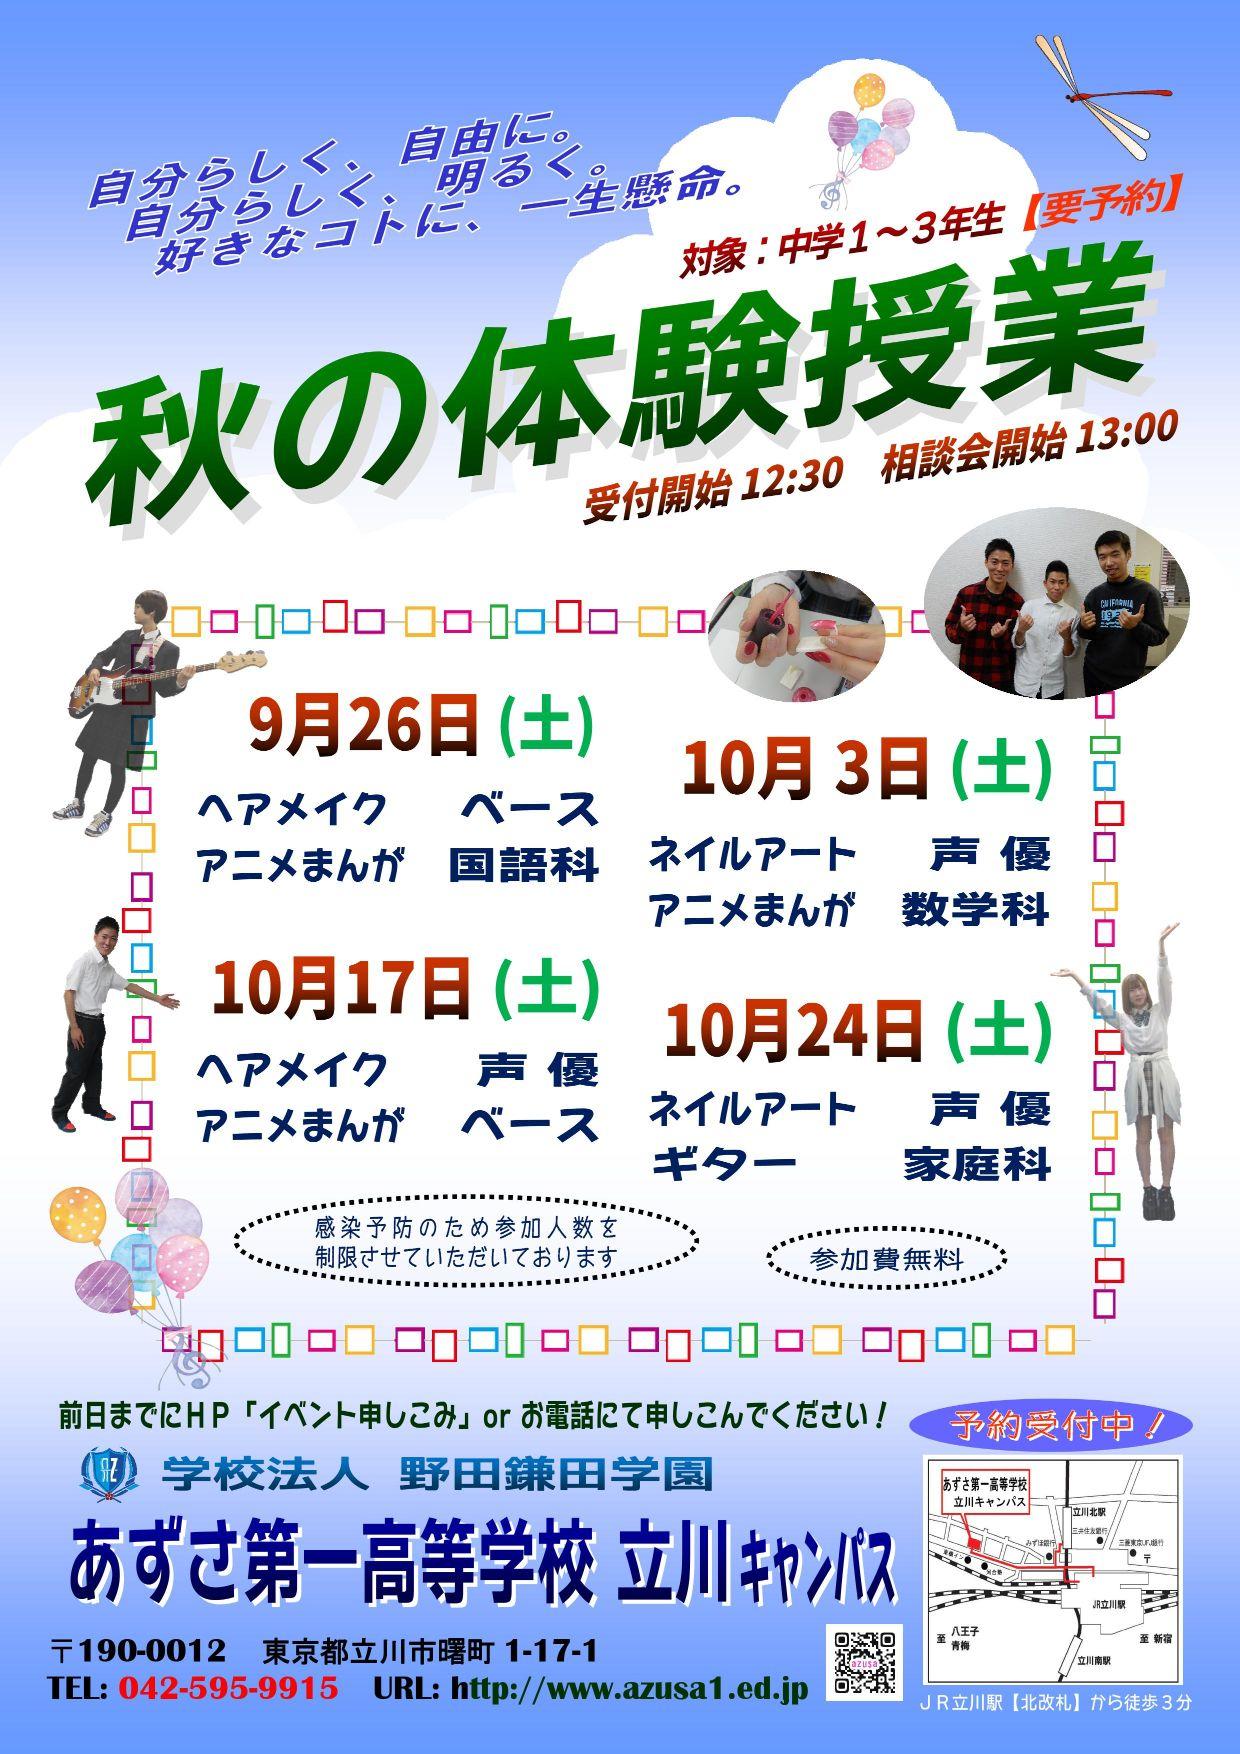 立川キャンパス 学校説明会&秋の体験授業 image1